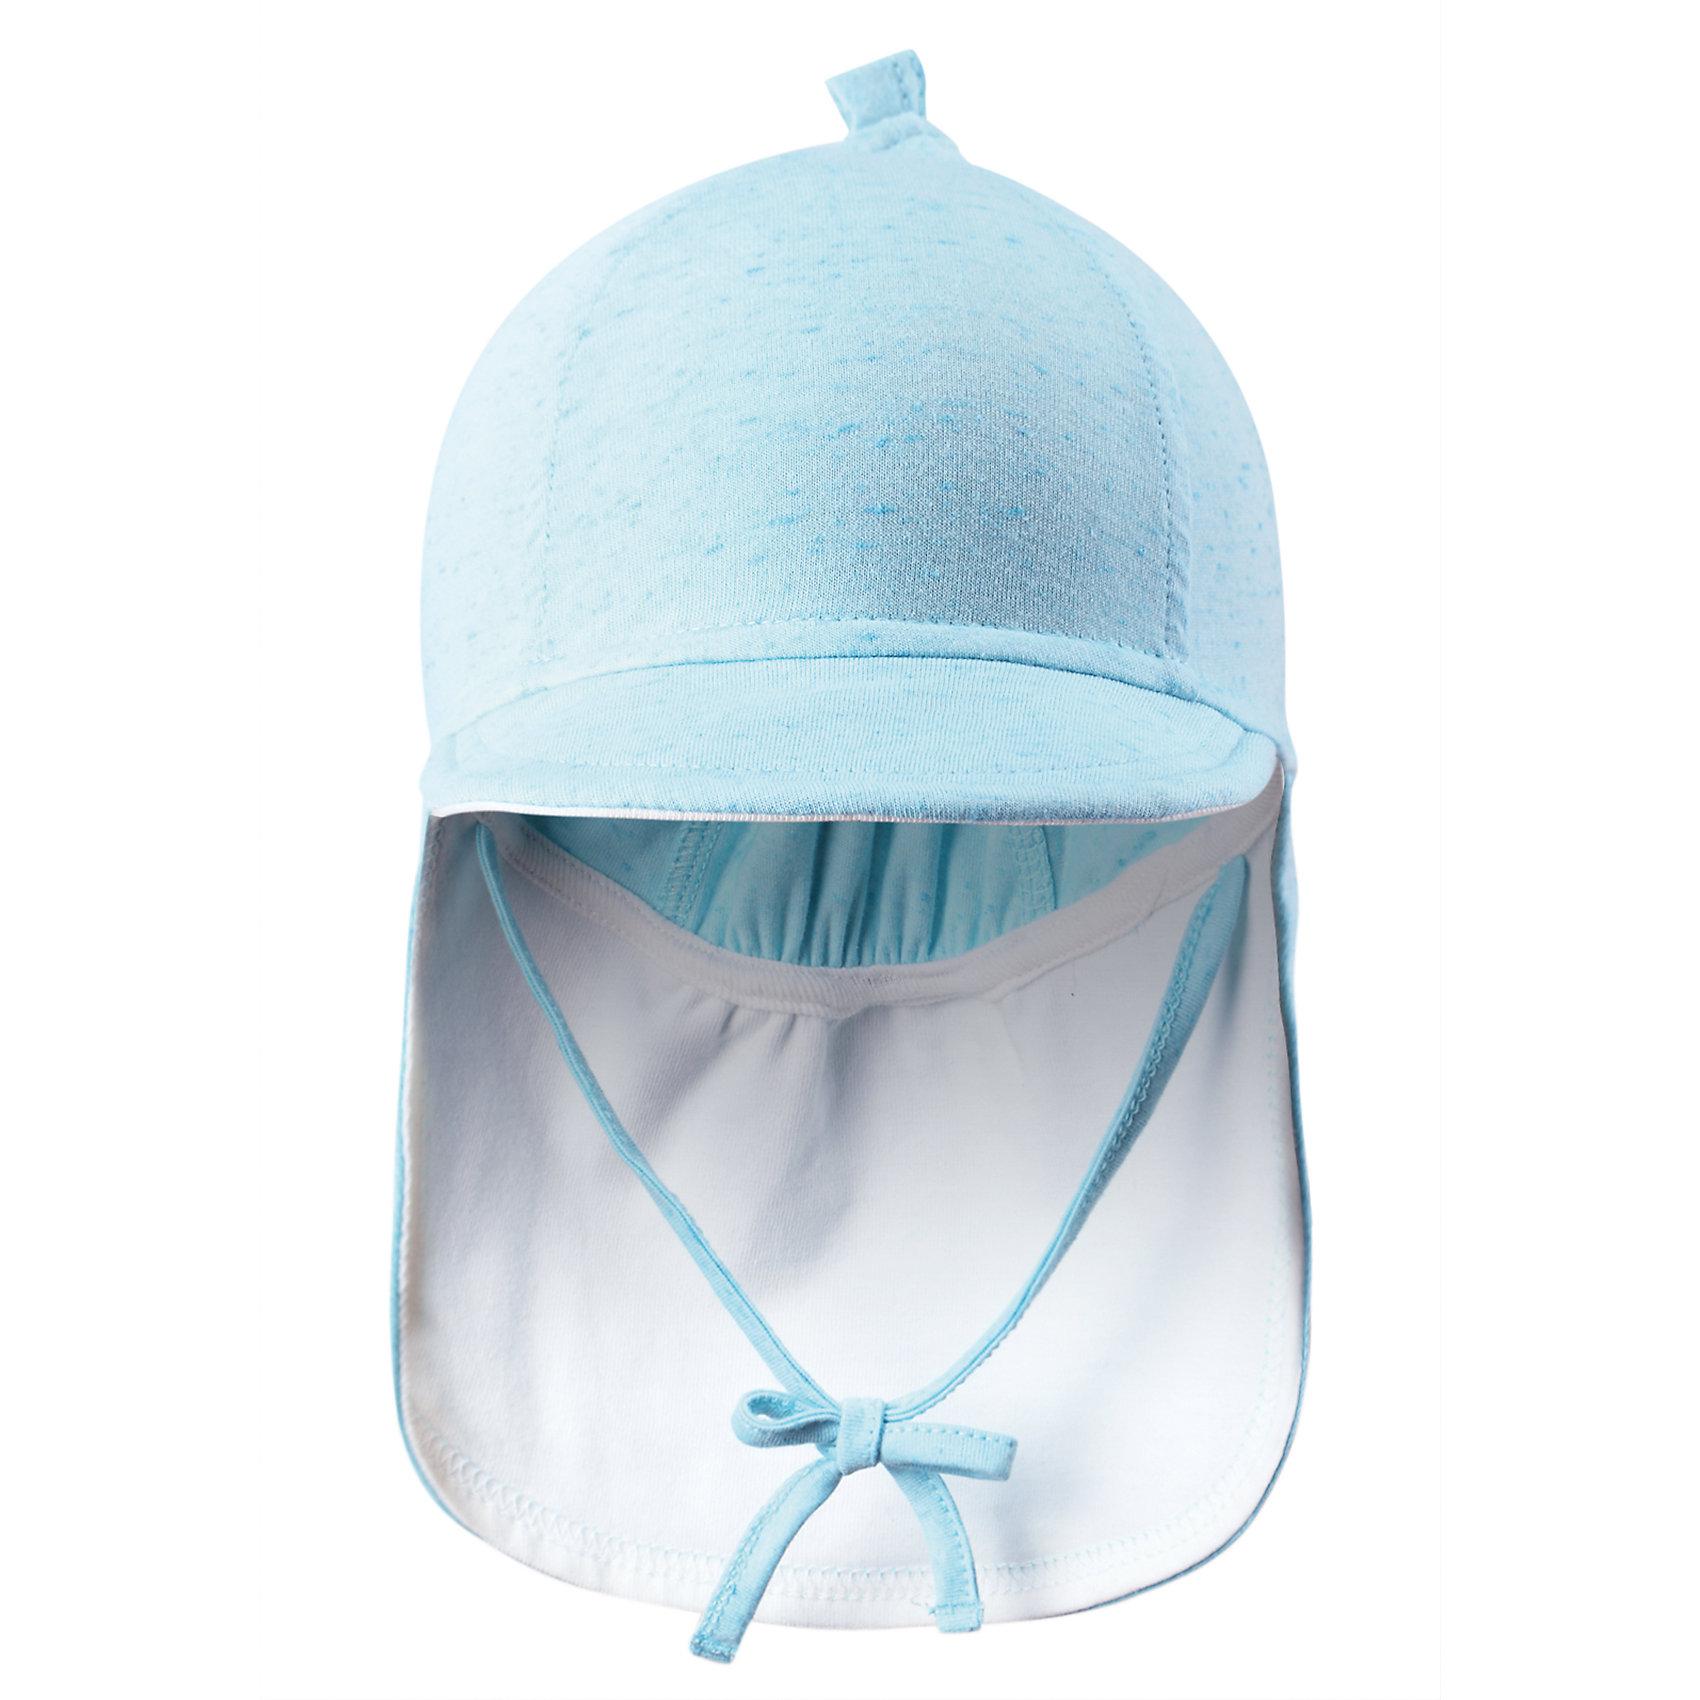 Шапка для мальчика ReimaШапки и шарфы<br>Симпатичная шляпа – прекрасный компаньон для активного малыша в летний период! Сделанная из воздушного джерси, эластичная шляпа - мягкая и приятная на ощупь. Козырек спереди и широкие поля сзади защитят нежную кожу ребенка от солнца.<br><br>Дополнительная информация:<br><br>Модная панама для новорожденных малышей<br>Удлиненное поле сзади защищает шею<br>Козырек спереди защищает глаза от солнца<br><br>Шапку  Reima (Рейма) можно купить в нашем магазине.<br><br>Ширина мм: 89<br>Глубина мм: 117<br>Высота мм: 44<br>Вес г: 155<br>Цвет: голубой<br>Возраст от месяцев: 1<br>Возраст до месяцев: 2<br>Пол: Мужской<br>Возраст: Детский<br>Размер: 40,44<br>SKU: 4566072